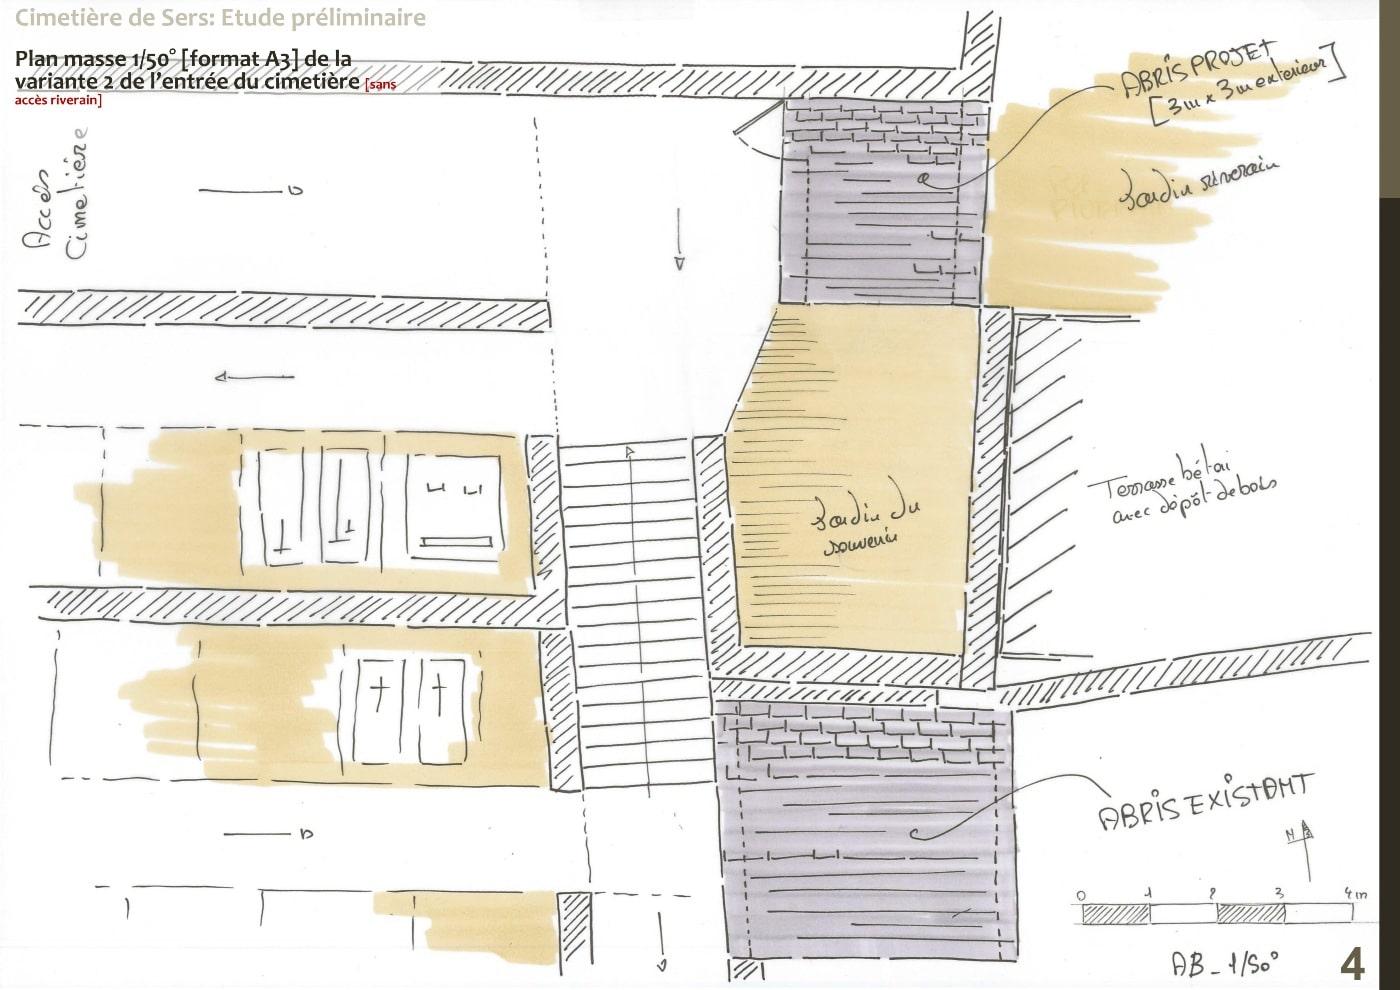 Plan d'esquisse variante 2 entrée nouveau cimetière